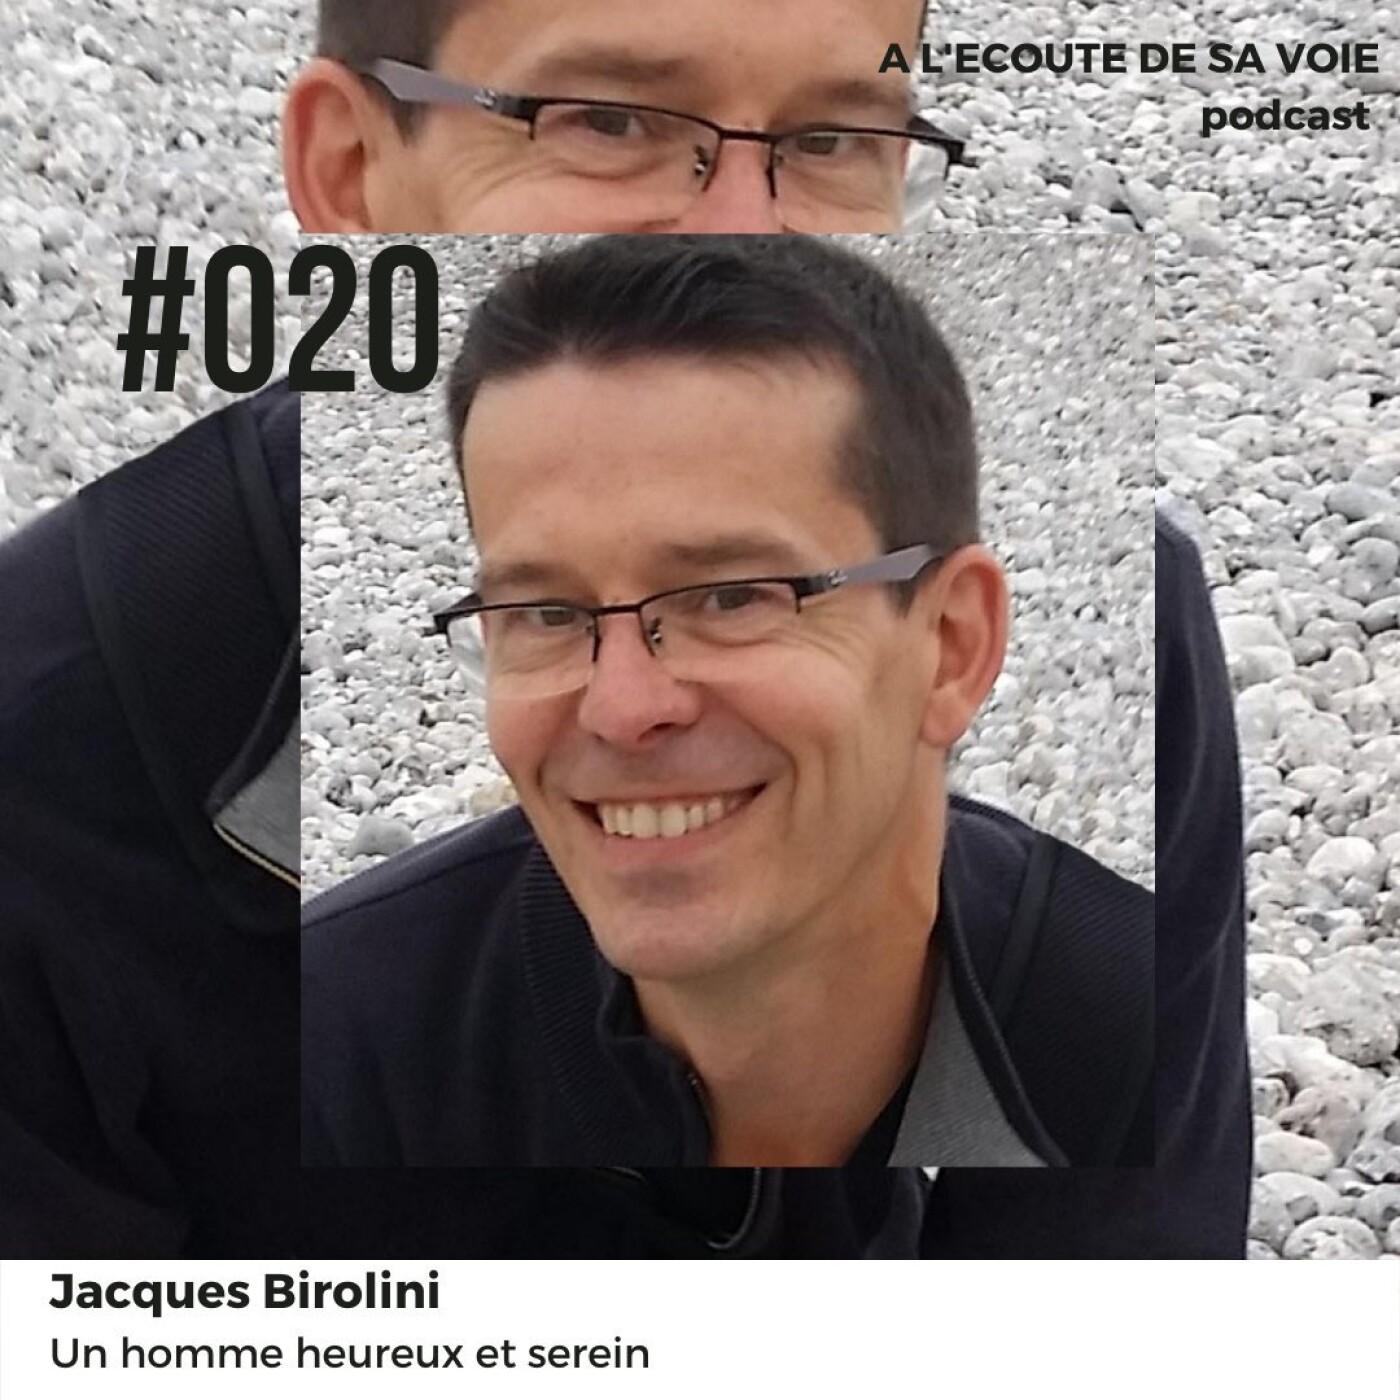 #020 Jacques Birolini - Un homme heureux et serein